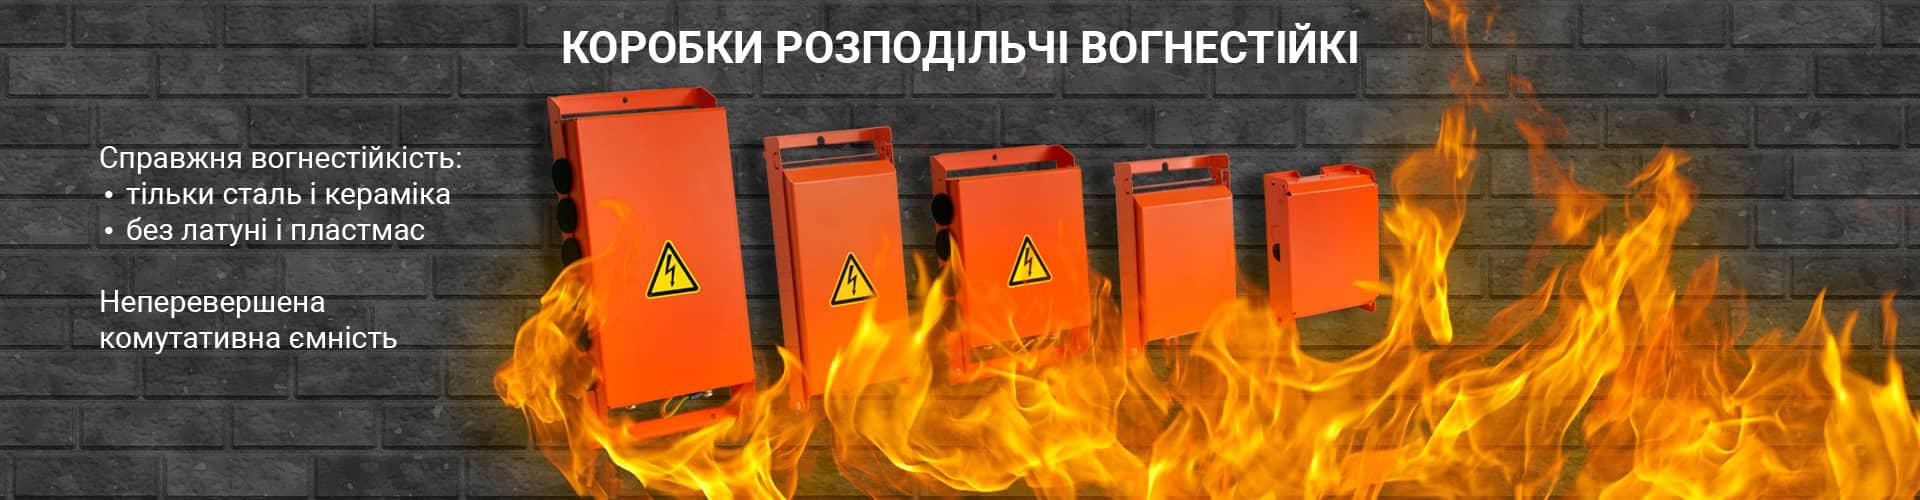 Коробки розподільчі (монтажні, з'єднувальні) вогнестійкі купити Київ Україна. Ціна від виробника